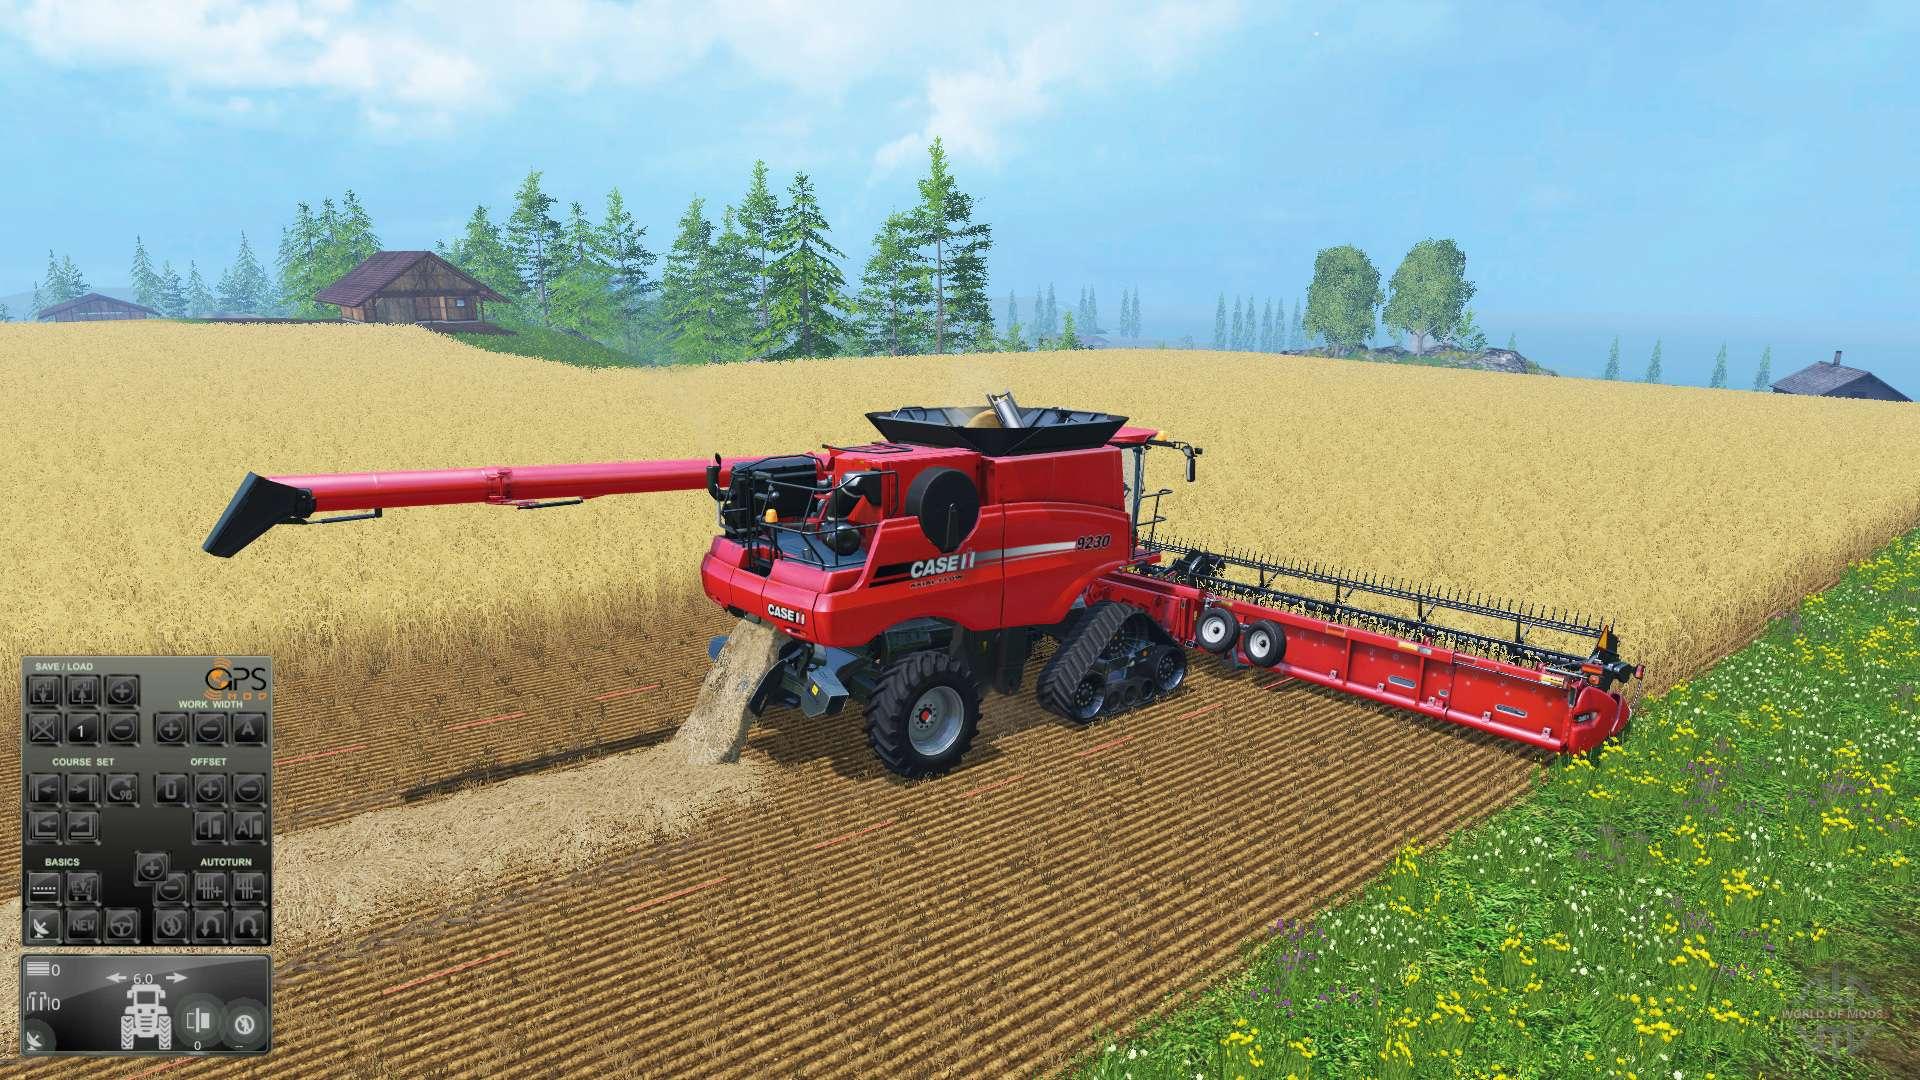 Gps v4 0 for farming simulator 2015